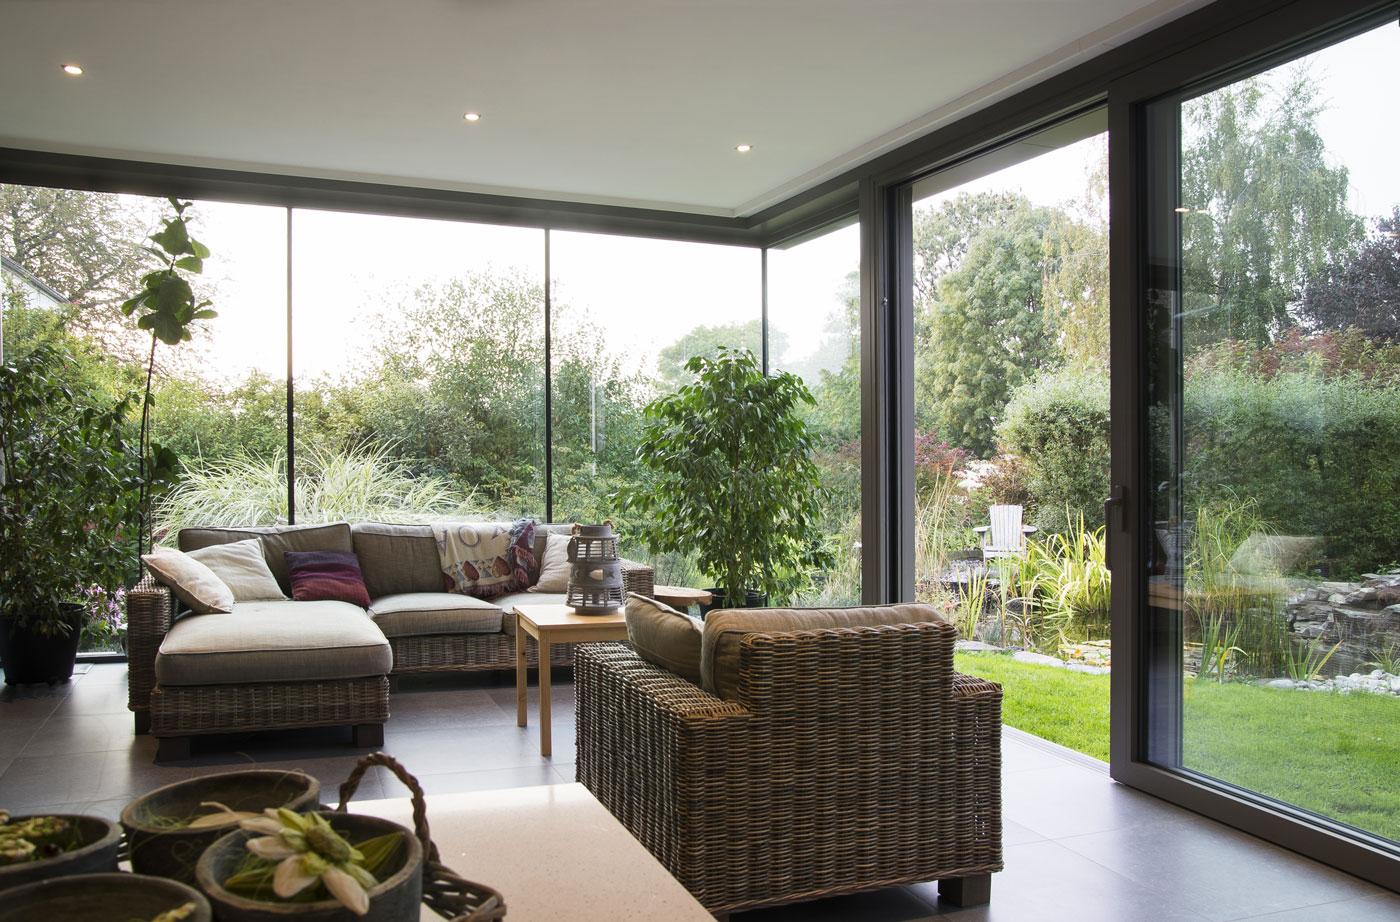 Giardini d inverno per impreziosire la tua casa in fissa per - Giardino d inverno prezzo ...